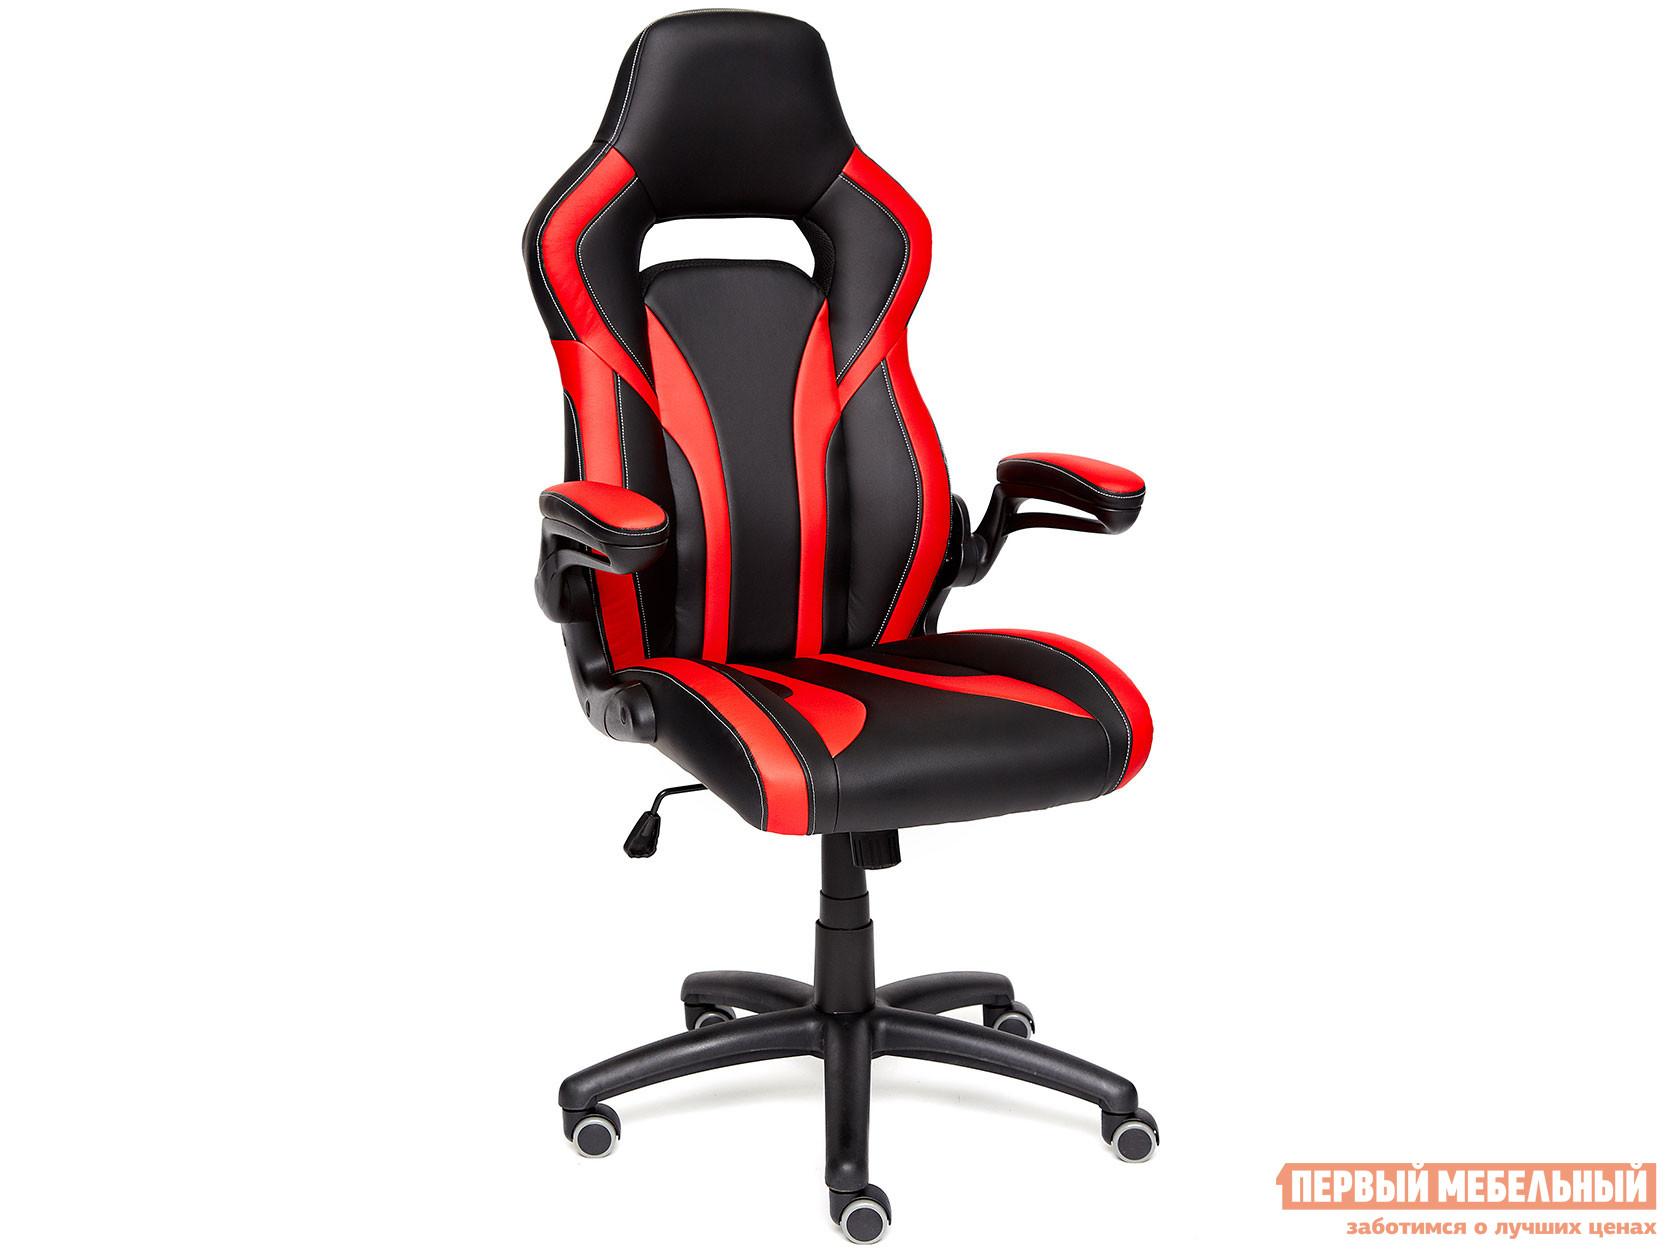 Игровое кресло  Rocket Иск. кожа черная / красная — Rocket Иск. кожа черная / красная